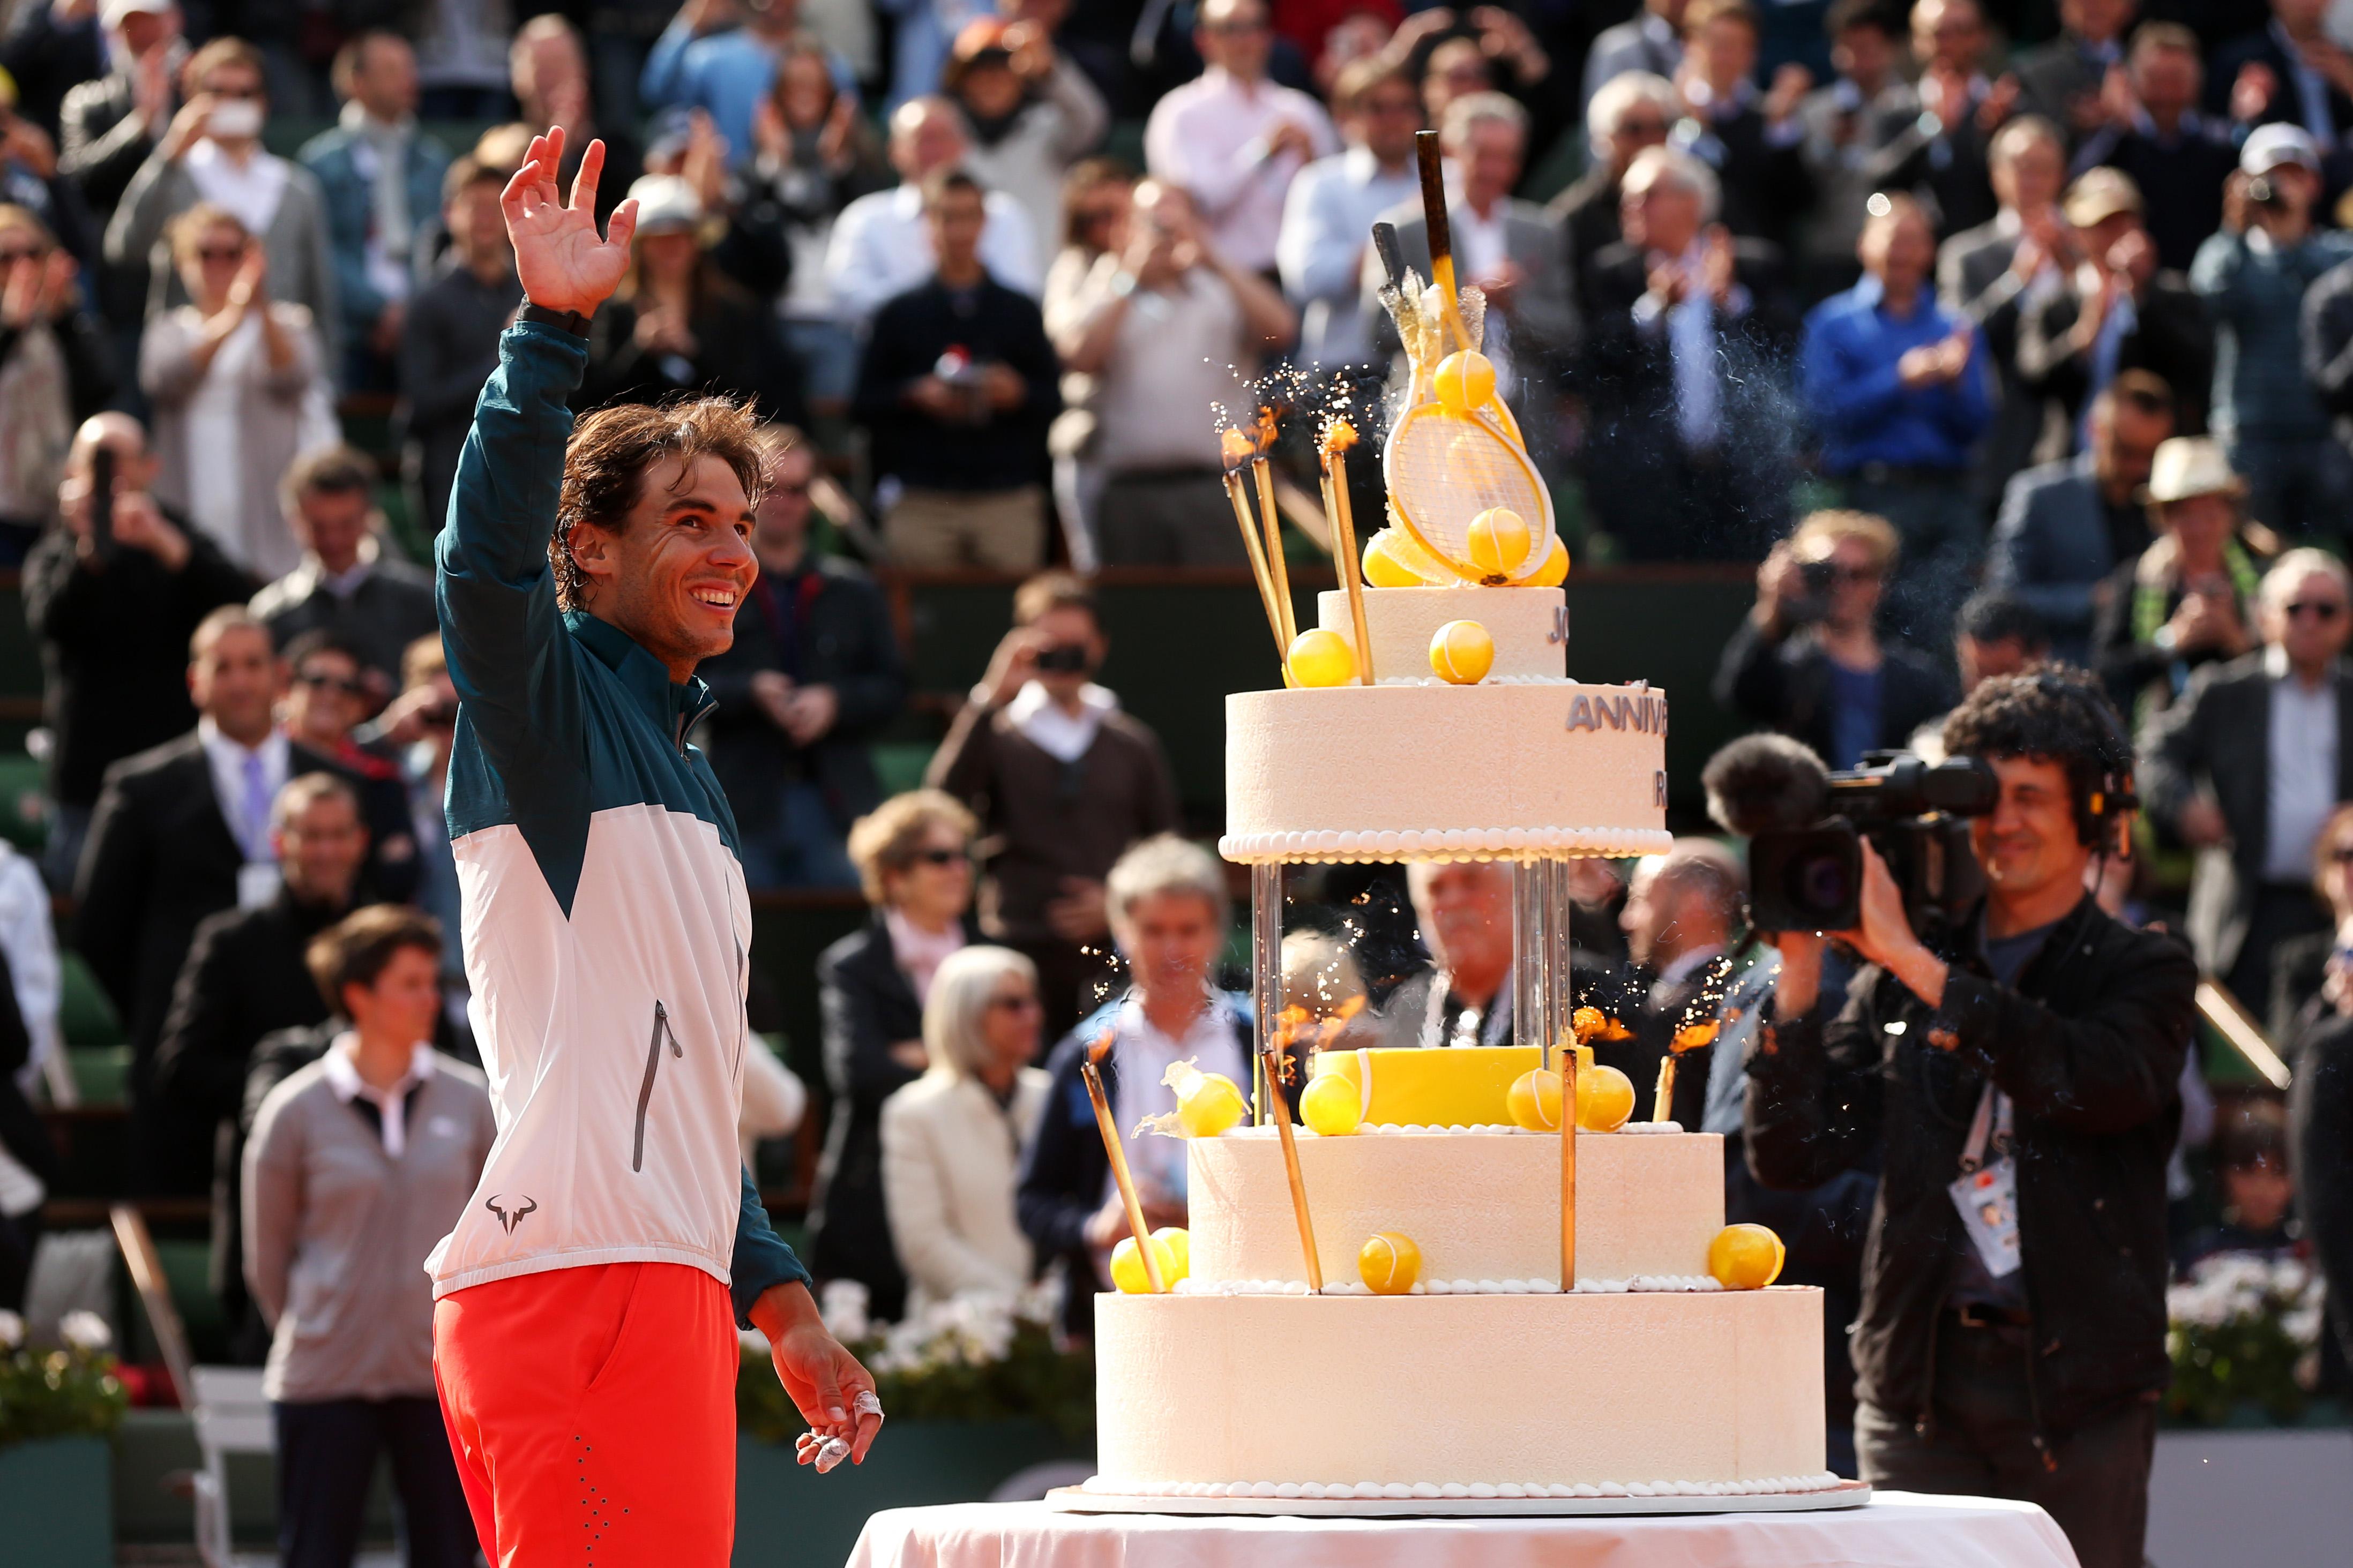 Dojemné chvíle na French Open: Antukový král oslavil narozeniny přímo na kurtu!